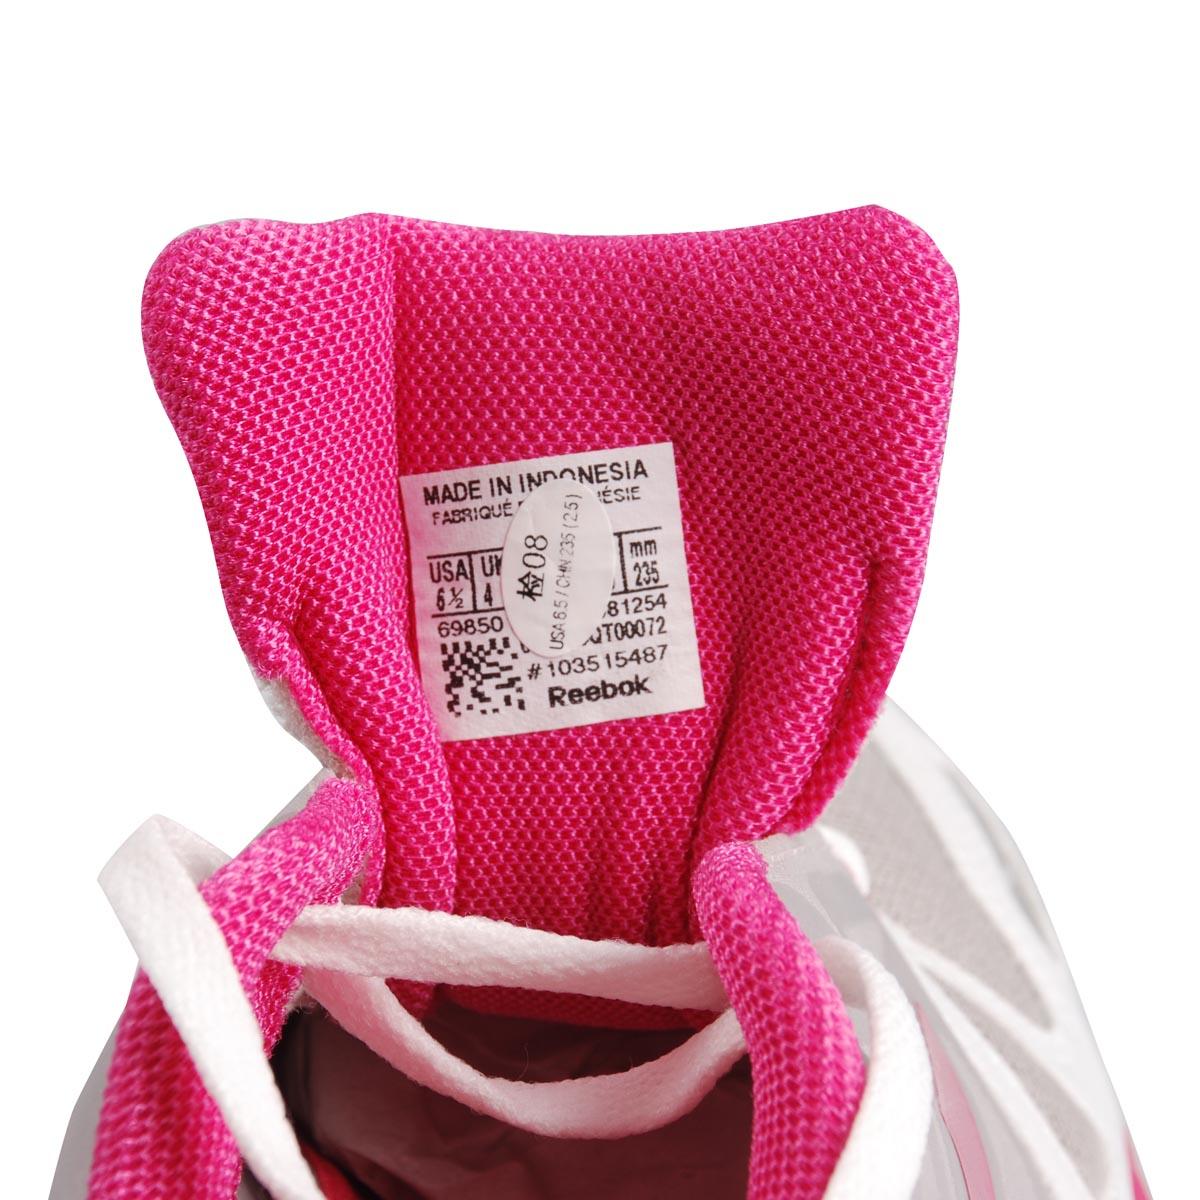 Кроссовки Reebok rb3901 Zig J81254 Женщина Осенью 2011 года Другой материал